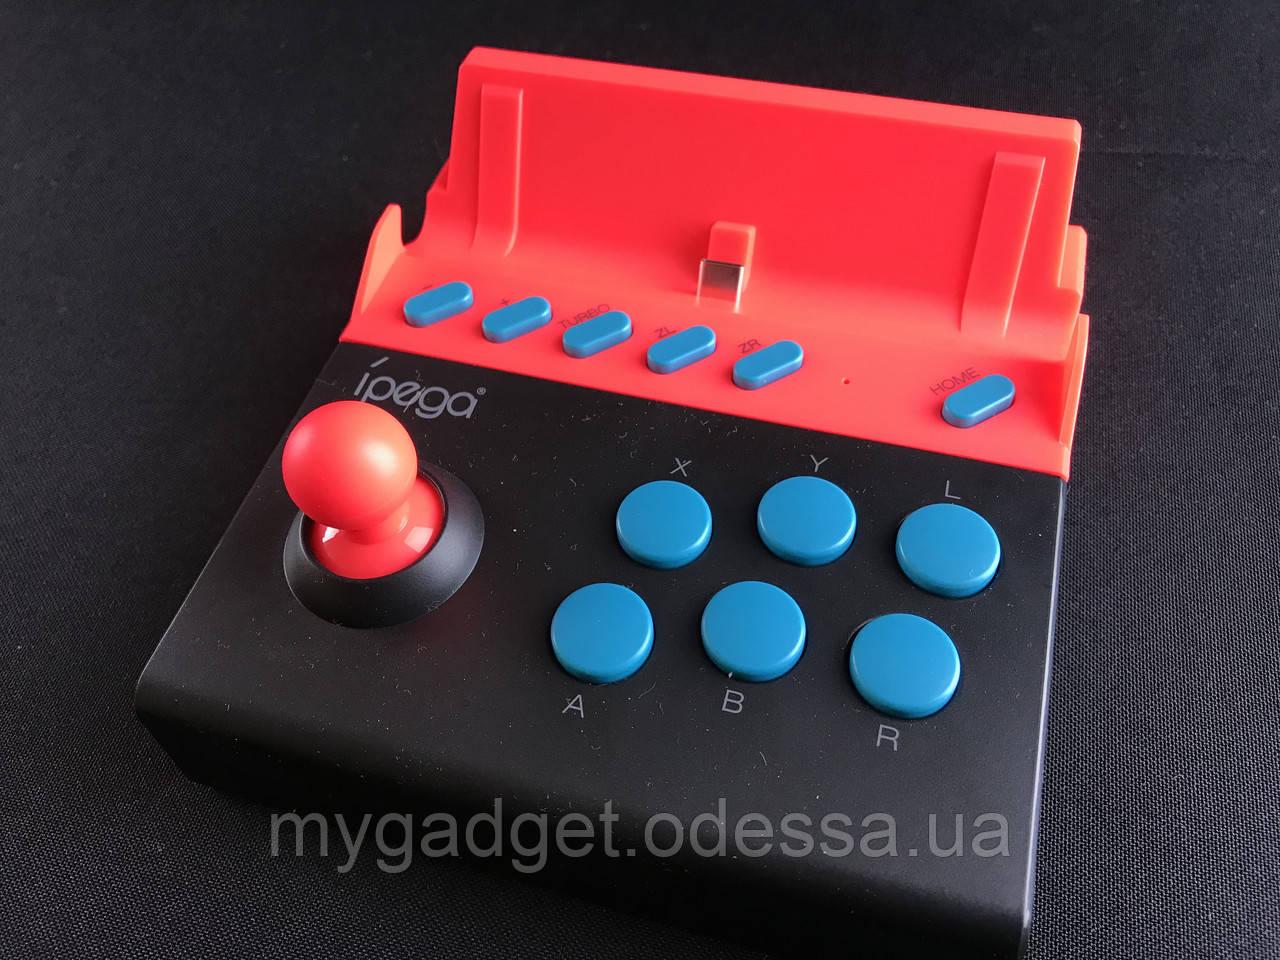 Игровой контроллерiPega PG-9136 N-Switch